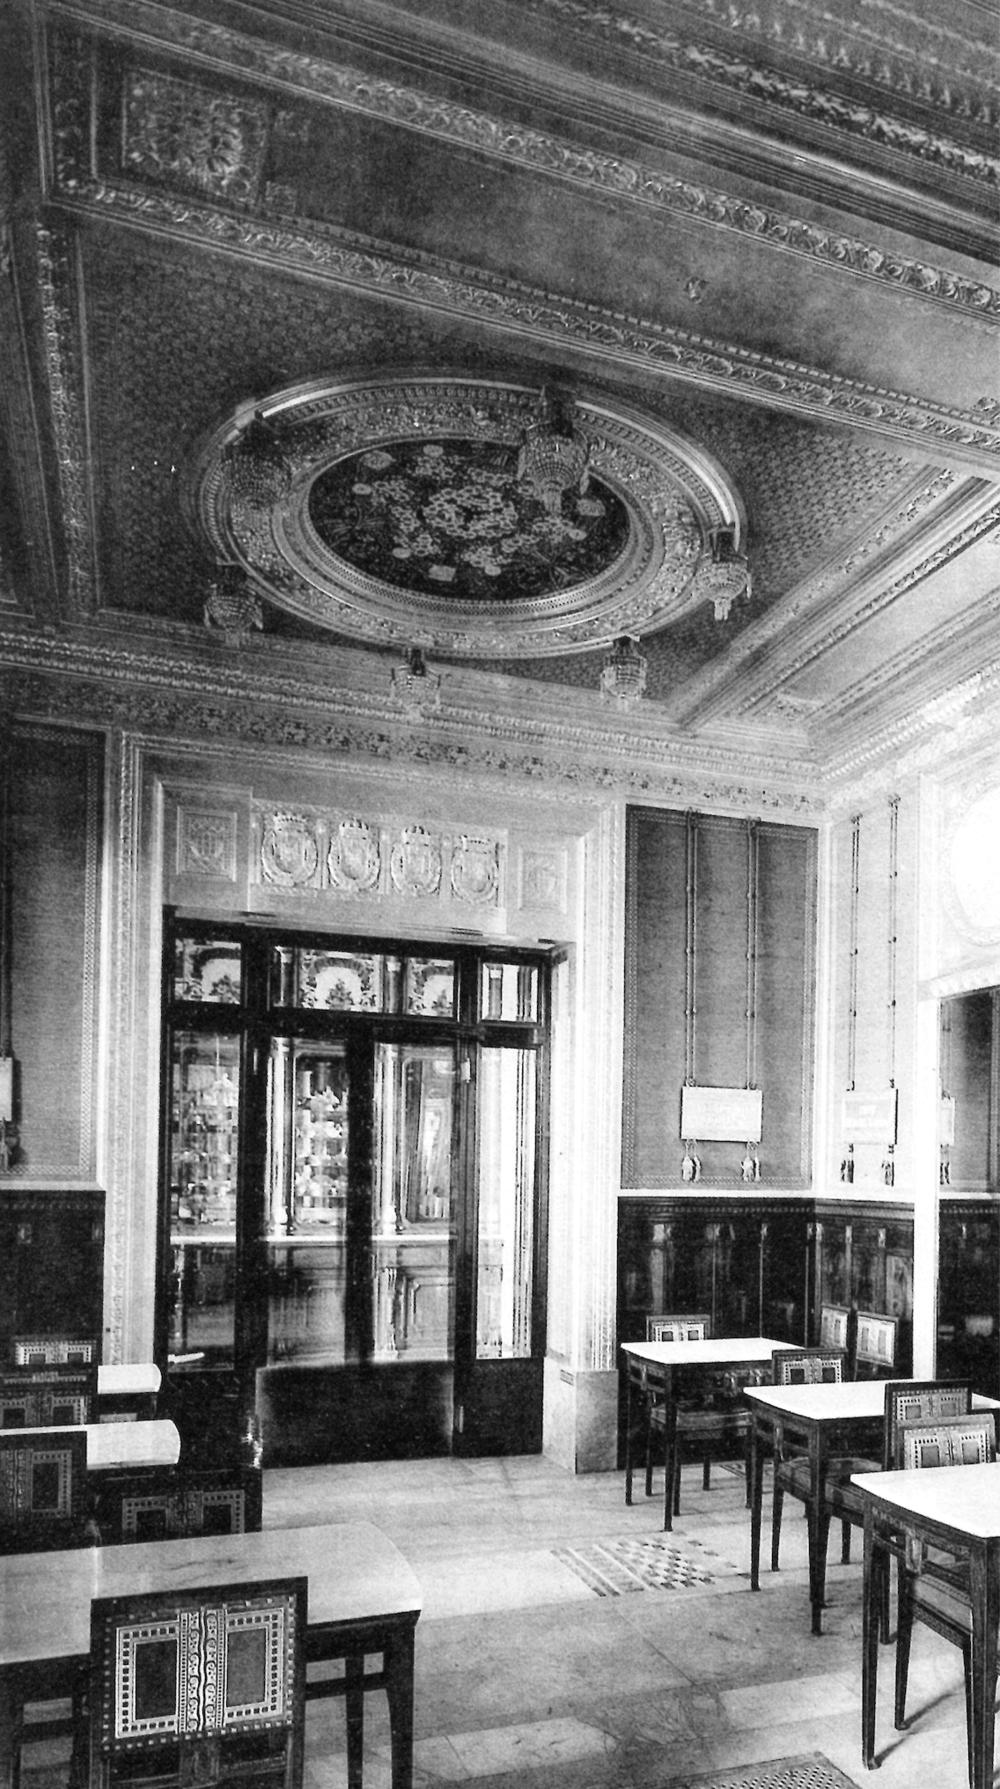 Giulio Casanova, Edoardo Rubino, l'uso decorativo degli stemmi della dinastia sabauda nella confetteria Baratti & Milano